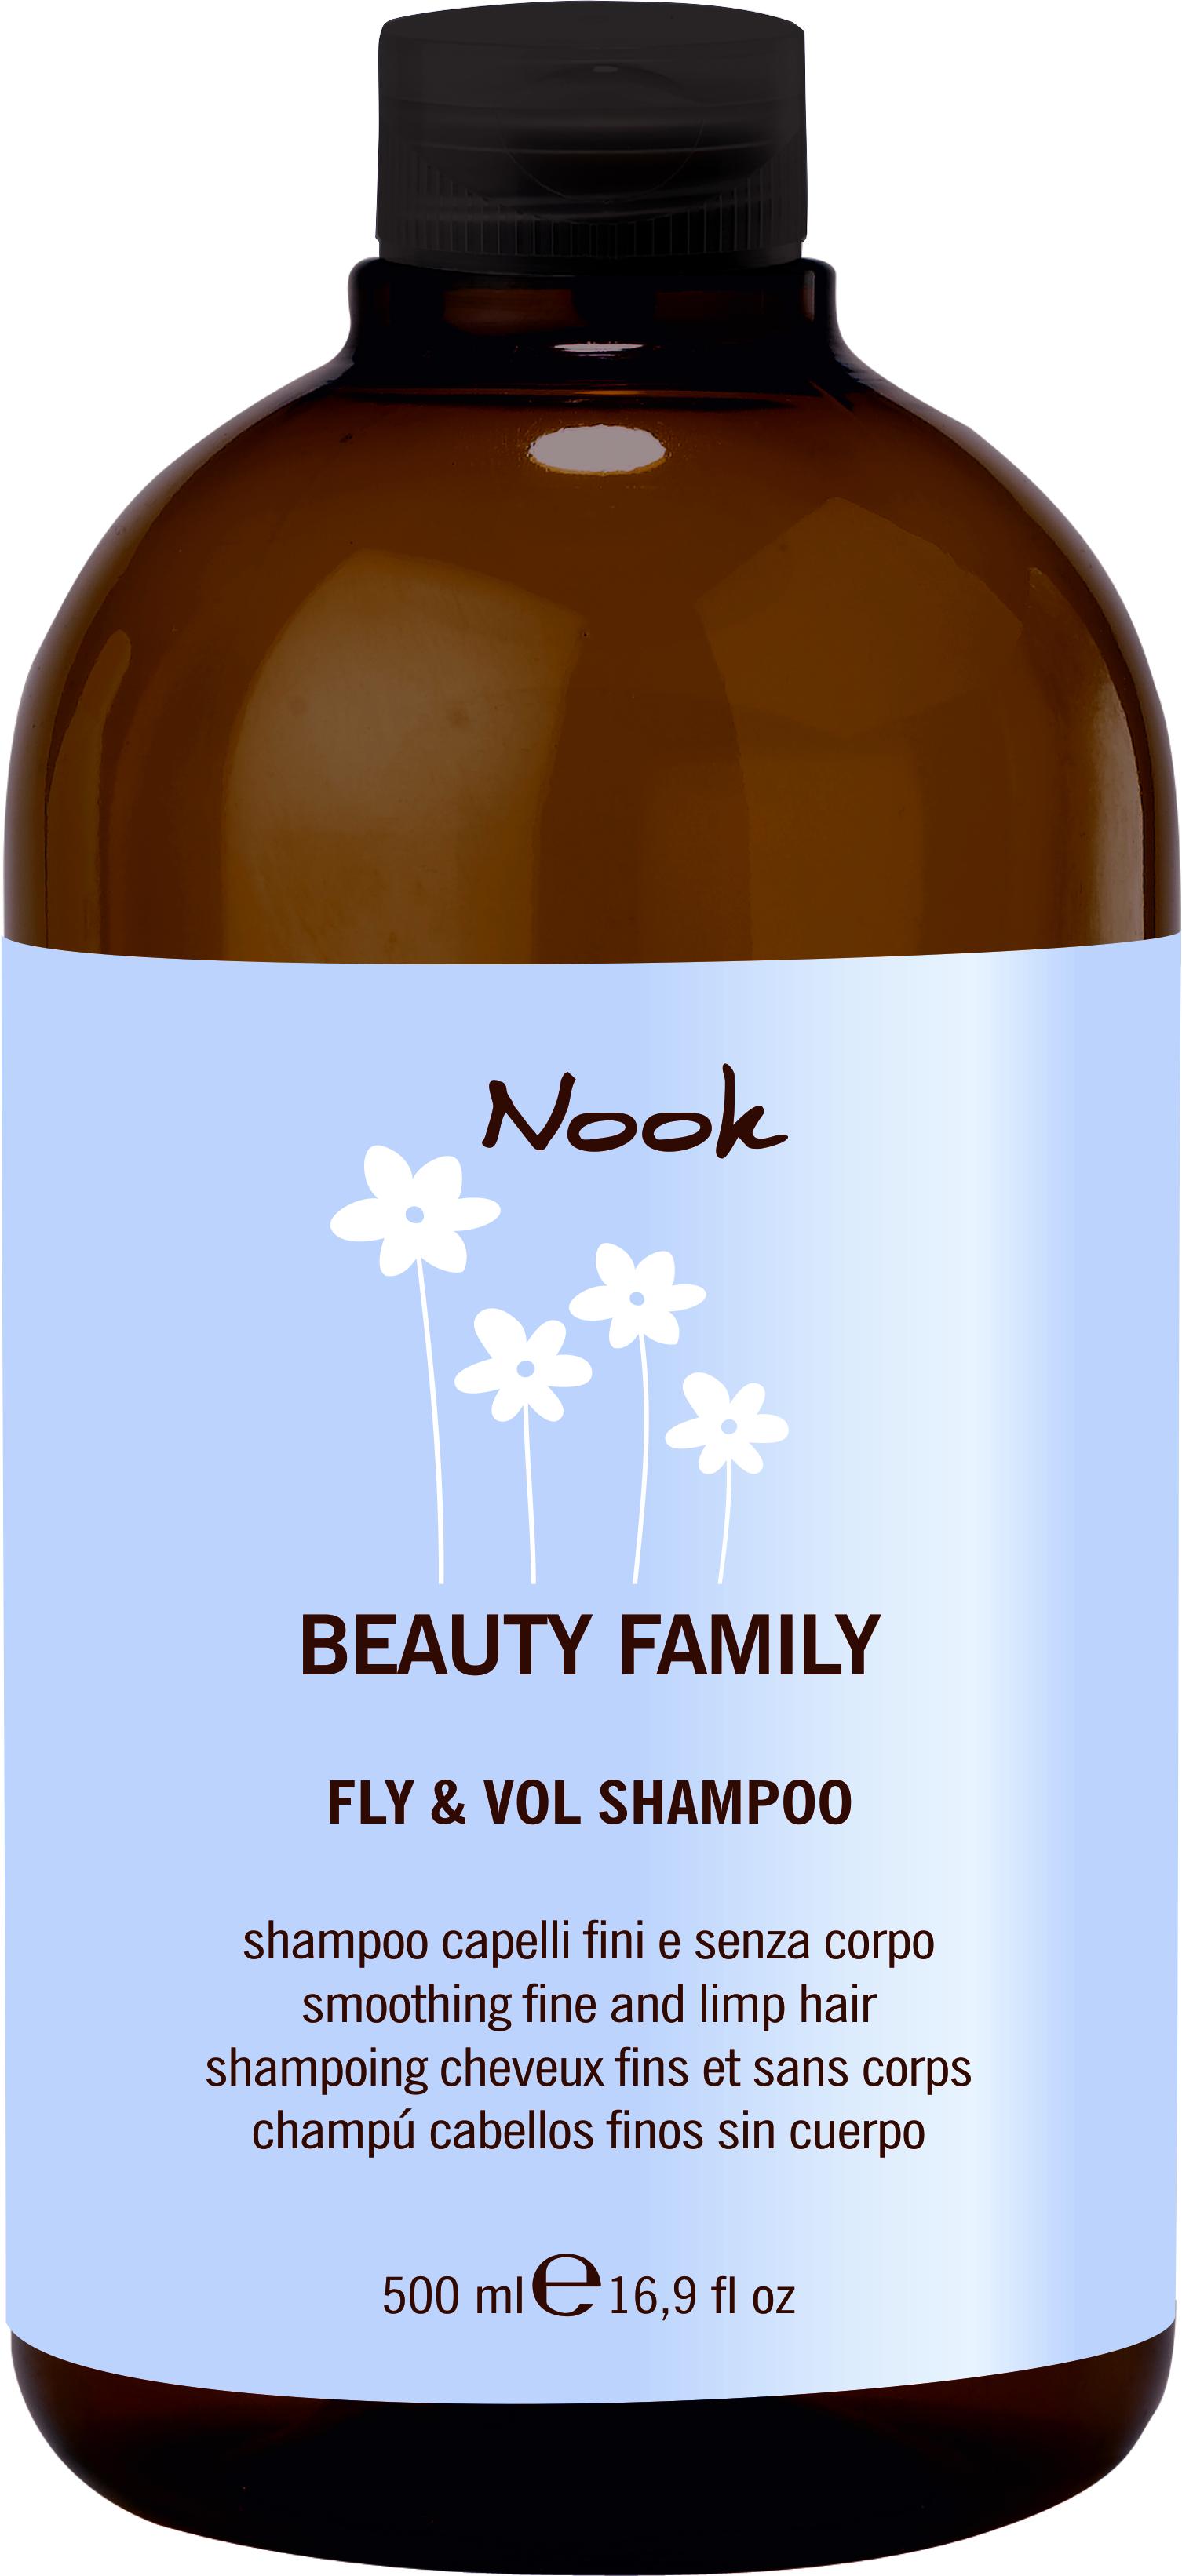 NOOK Шампунь для тонких и слабых волос Ph 5,5 / Fly & Vol Shampoo BEAUTY FAMILY 500 мл